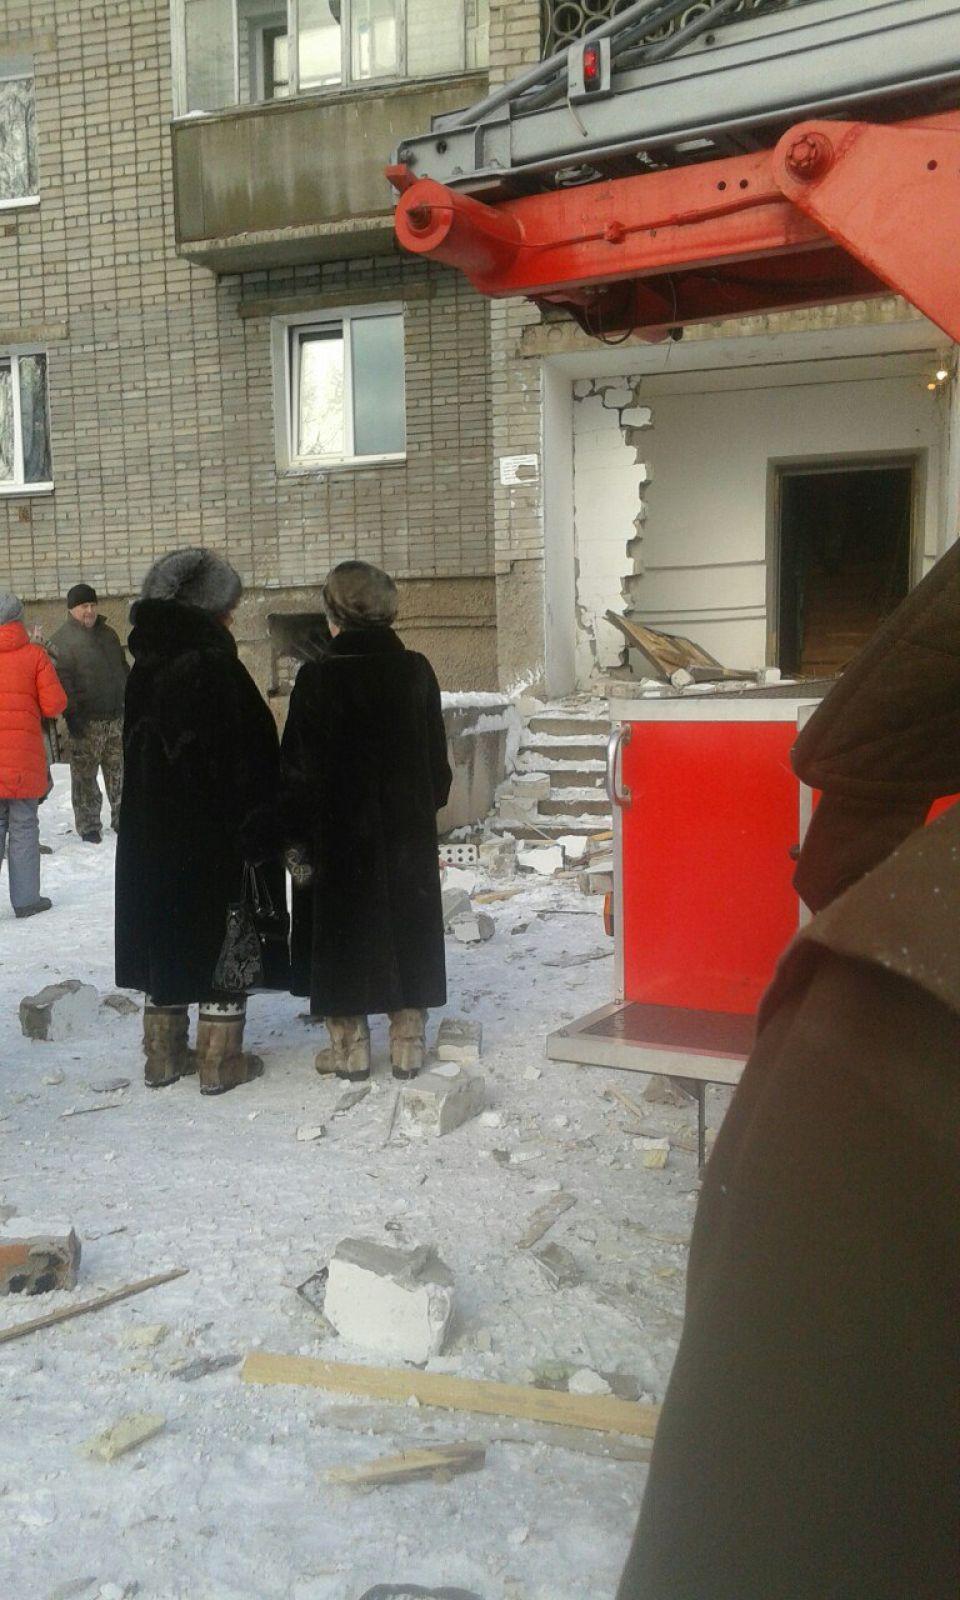 Фото сделано во время работы спасателей на месте взрыва.